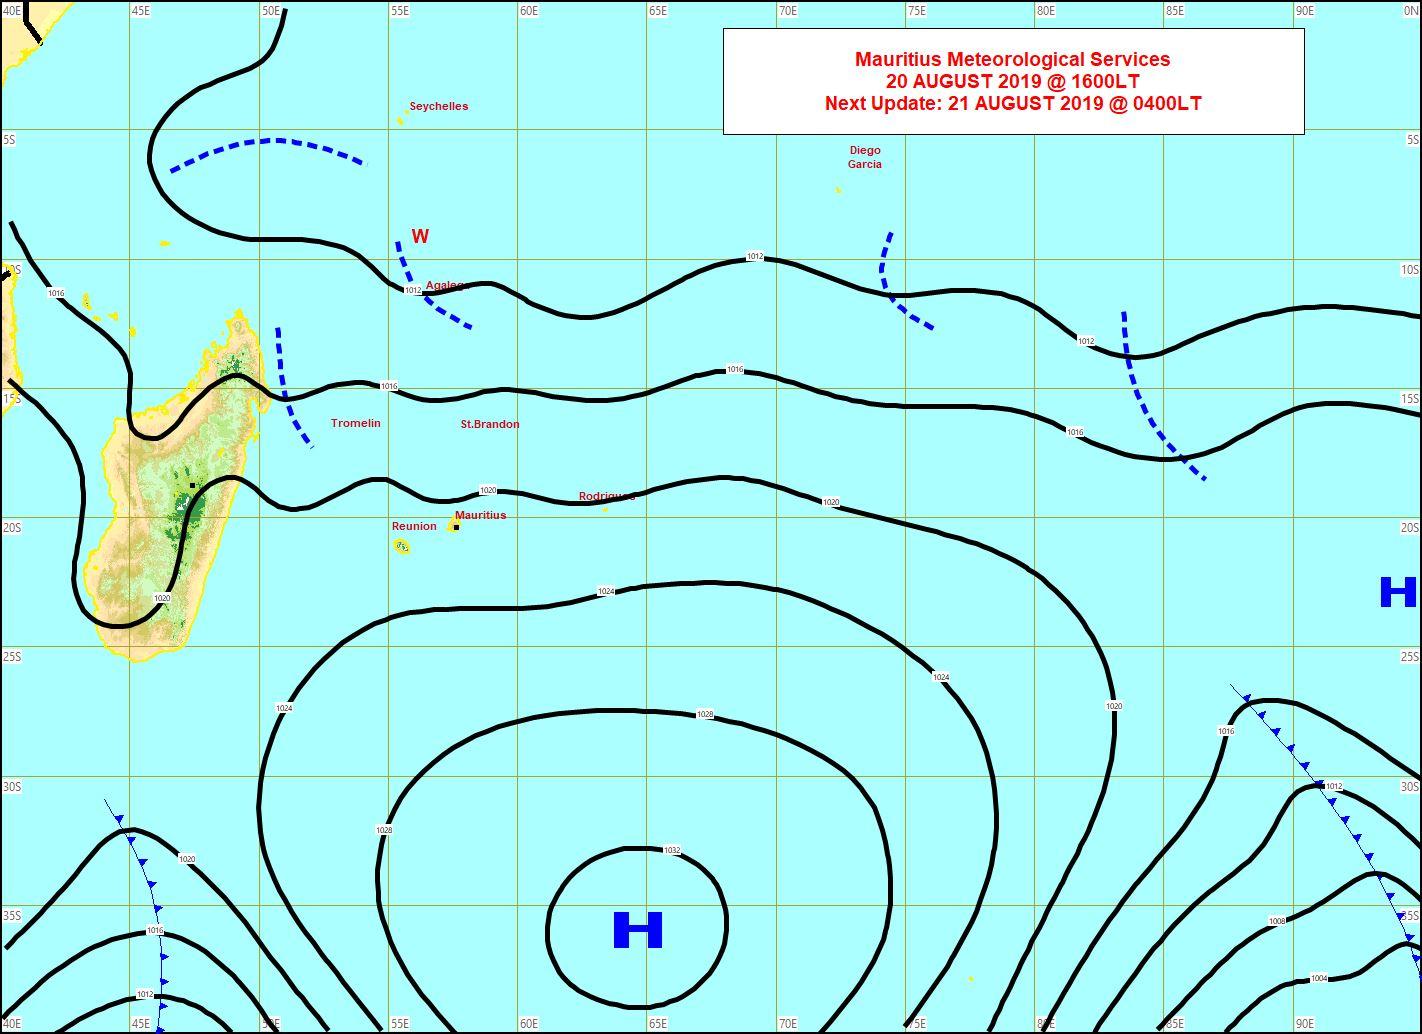 Analyse de surface de cet après midi. L'anticyclone est déjà au Sud Sud-Est des Iles Soeurs. Mercredi l'alizé faiblit sur la Réunion et fait une pause Jeudi mais revient modérément Vendredi. MMS